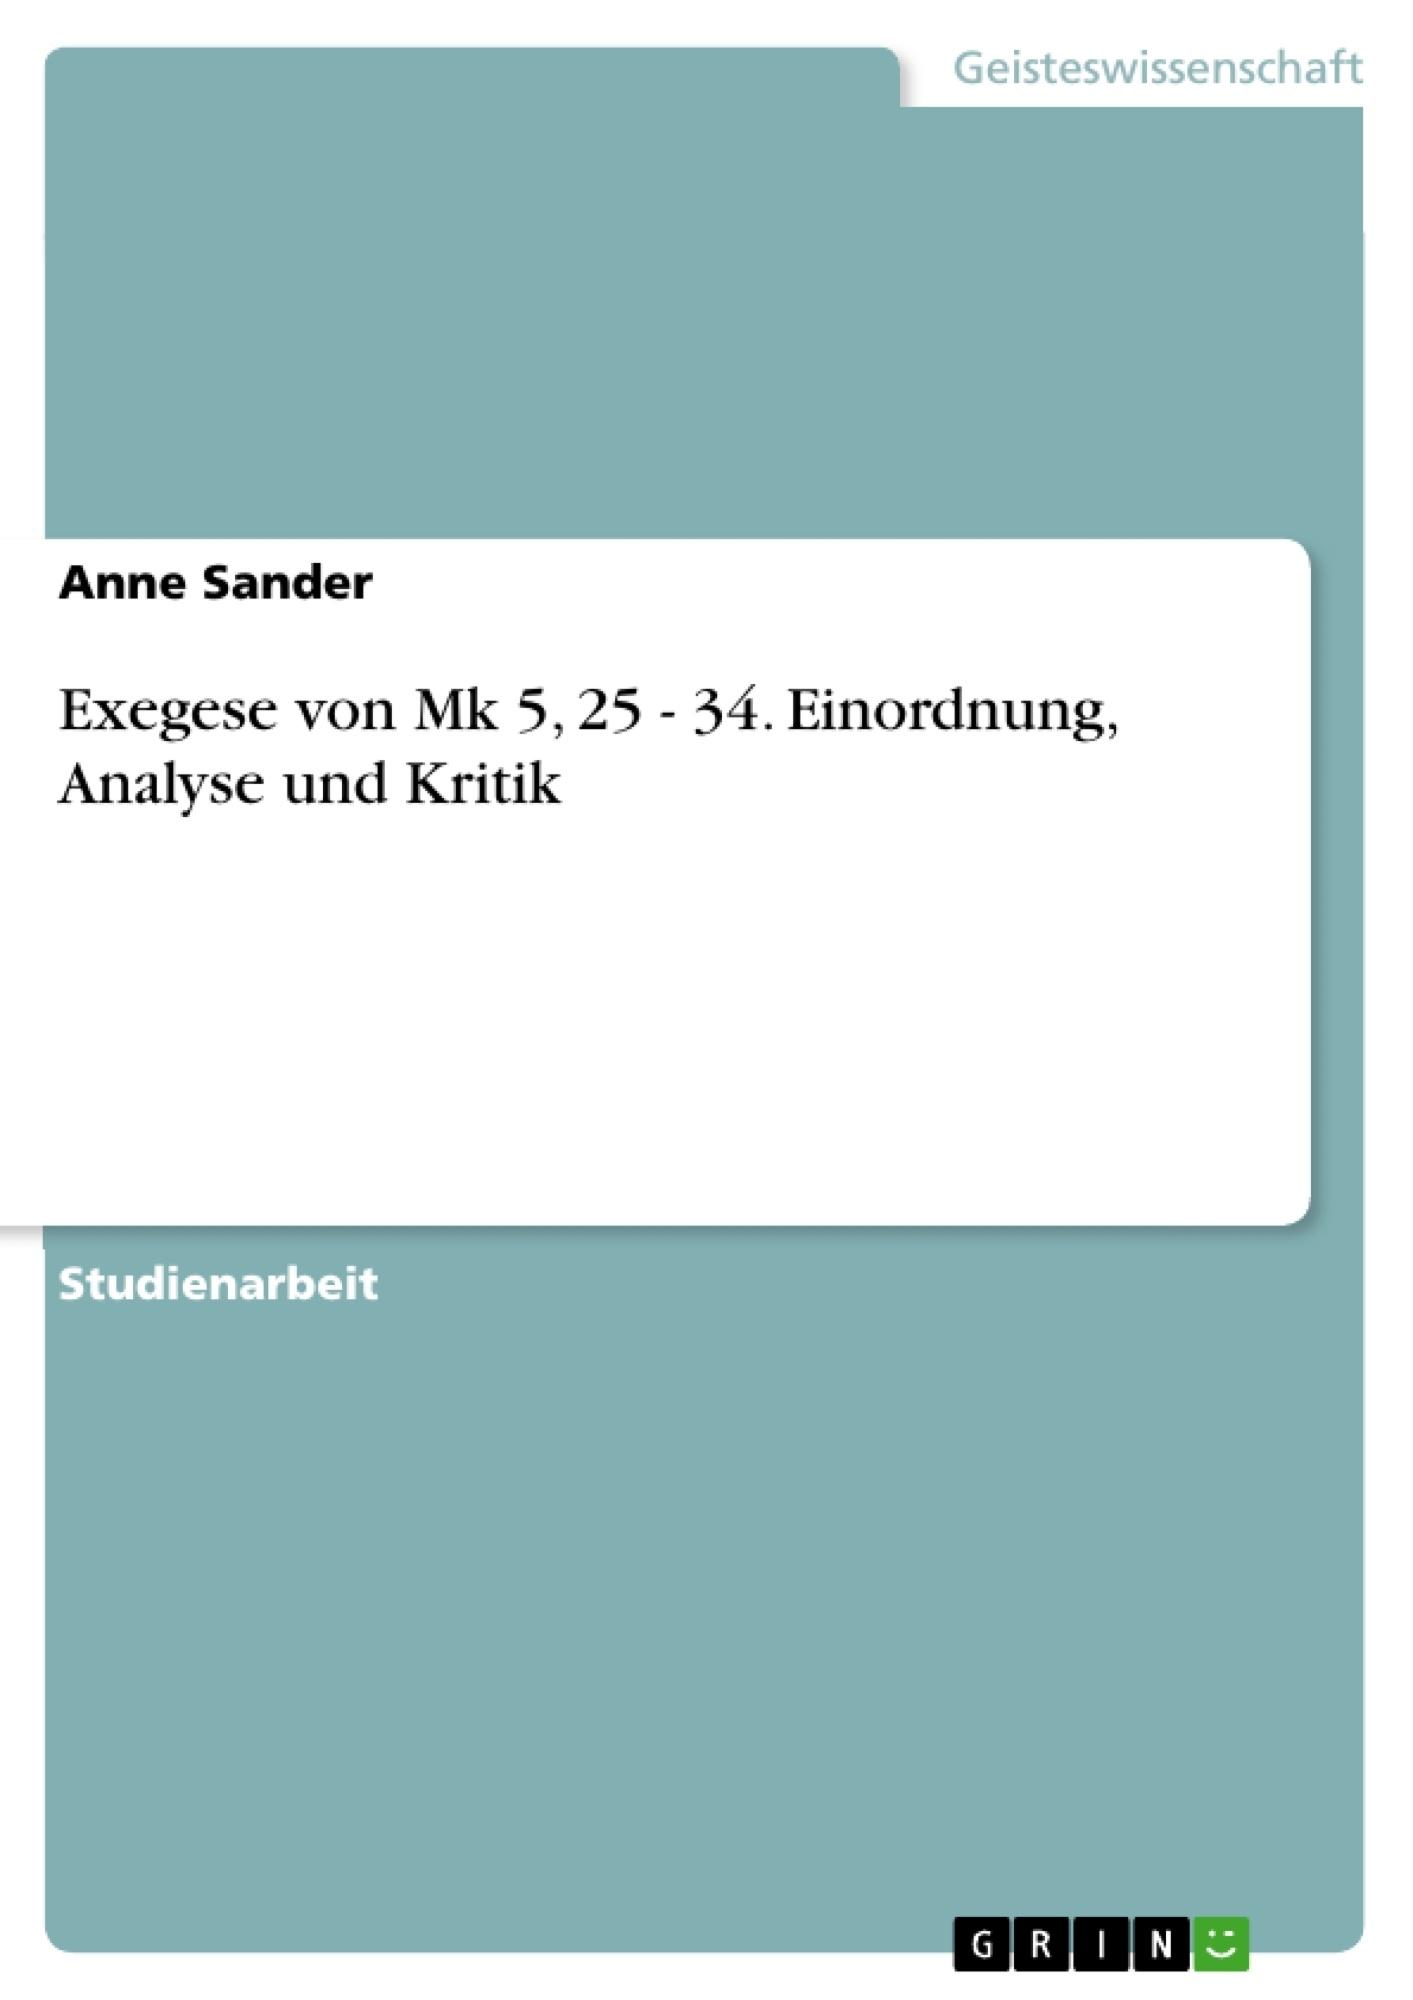 Titel: Exegese von Mk 5, 25 - 34. Einordnung, Analyse und Kritik